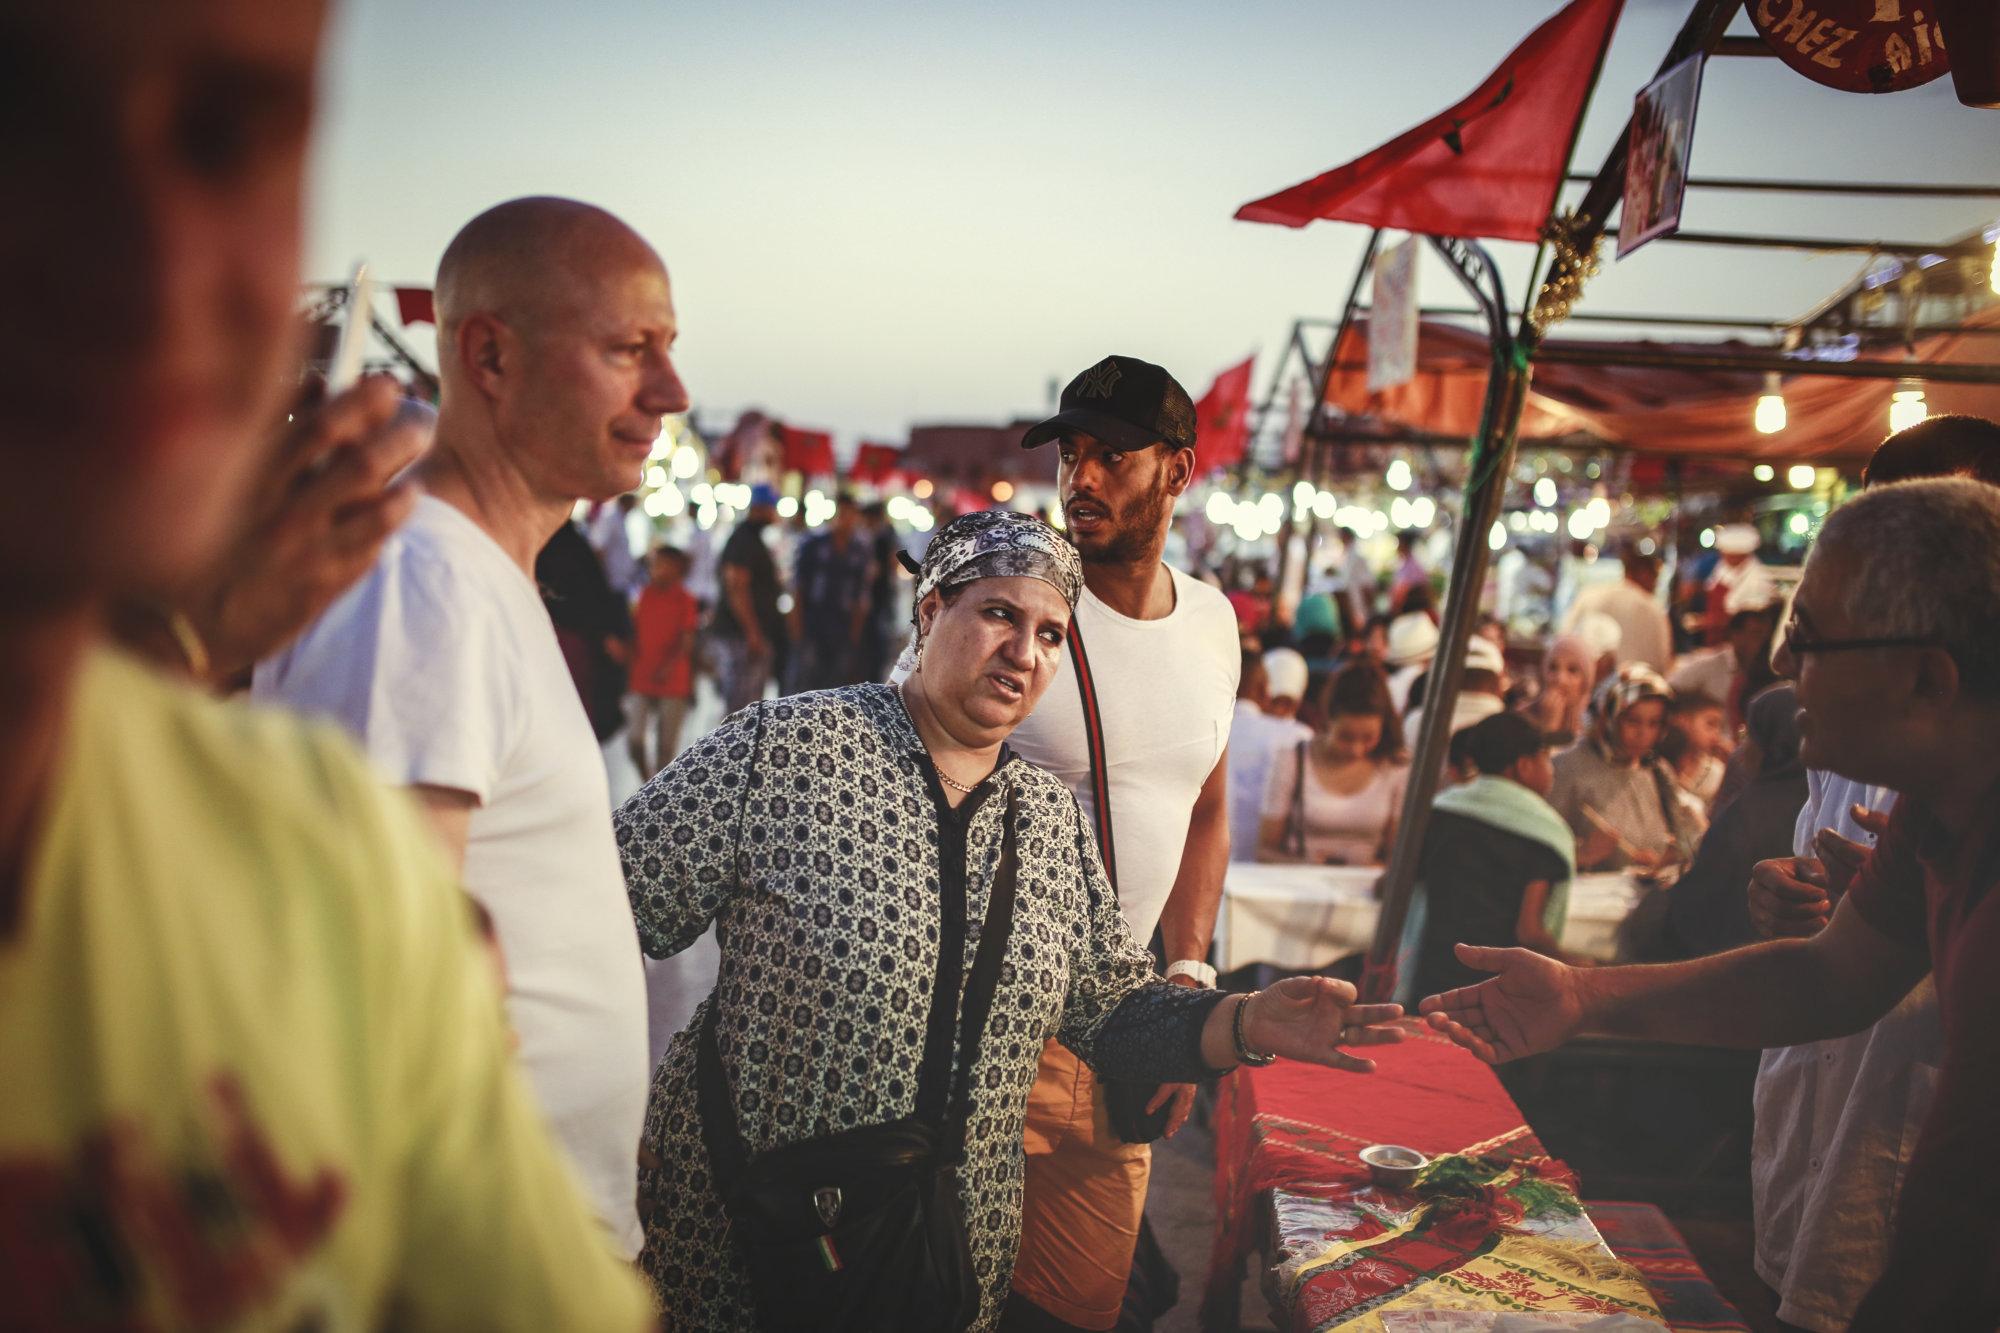 color-verhandlungen-marrakech-djemaaelfna-marokko-2016-mcu-ausflug